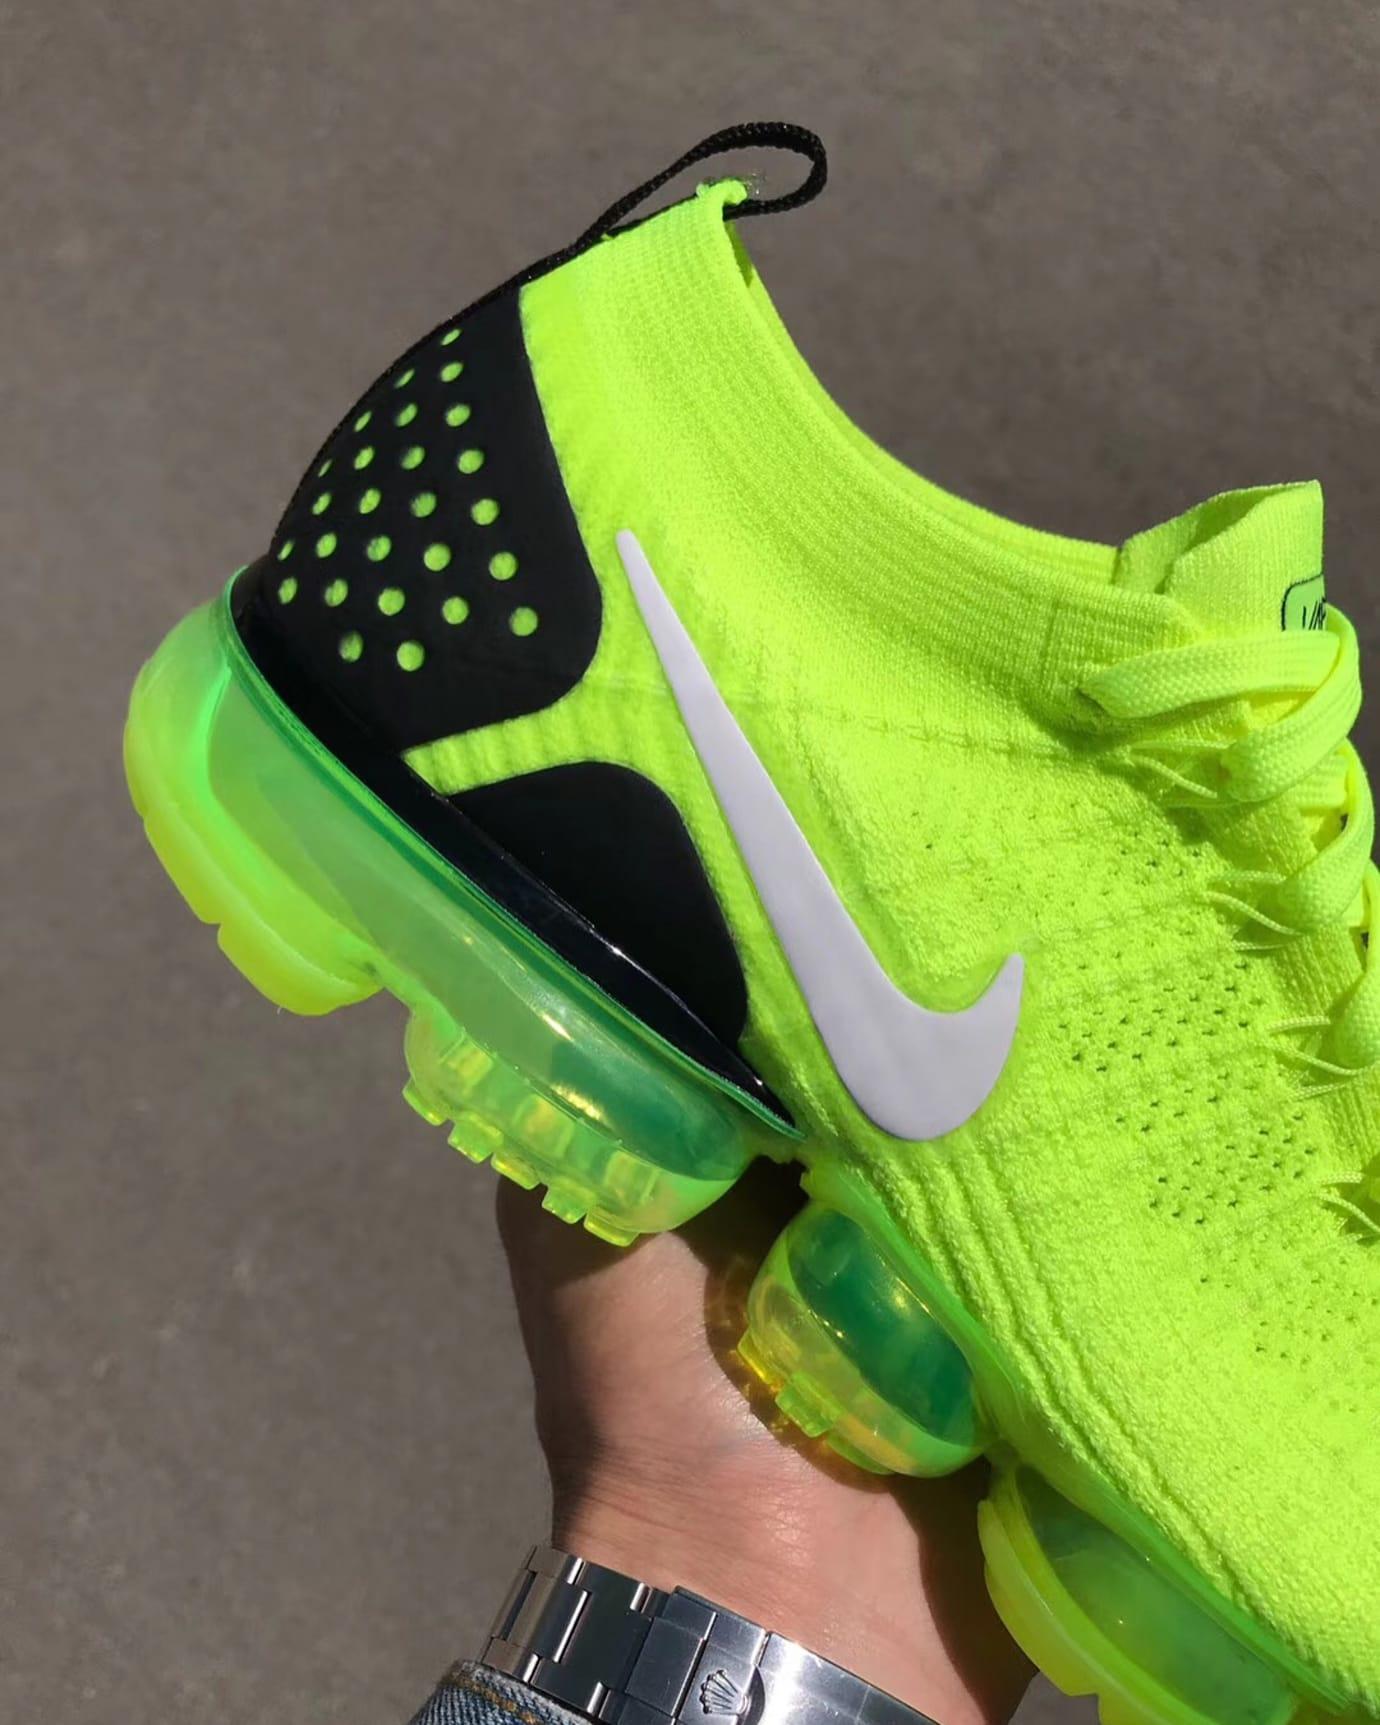 Nike Air VaporMax 2 Flyknit Volt Release Date 942842-700 (5)